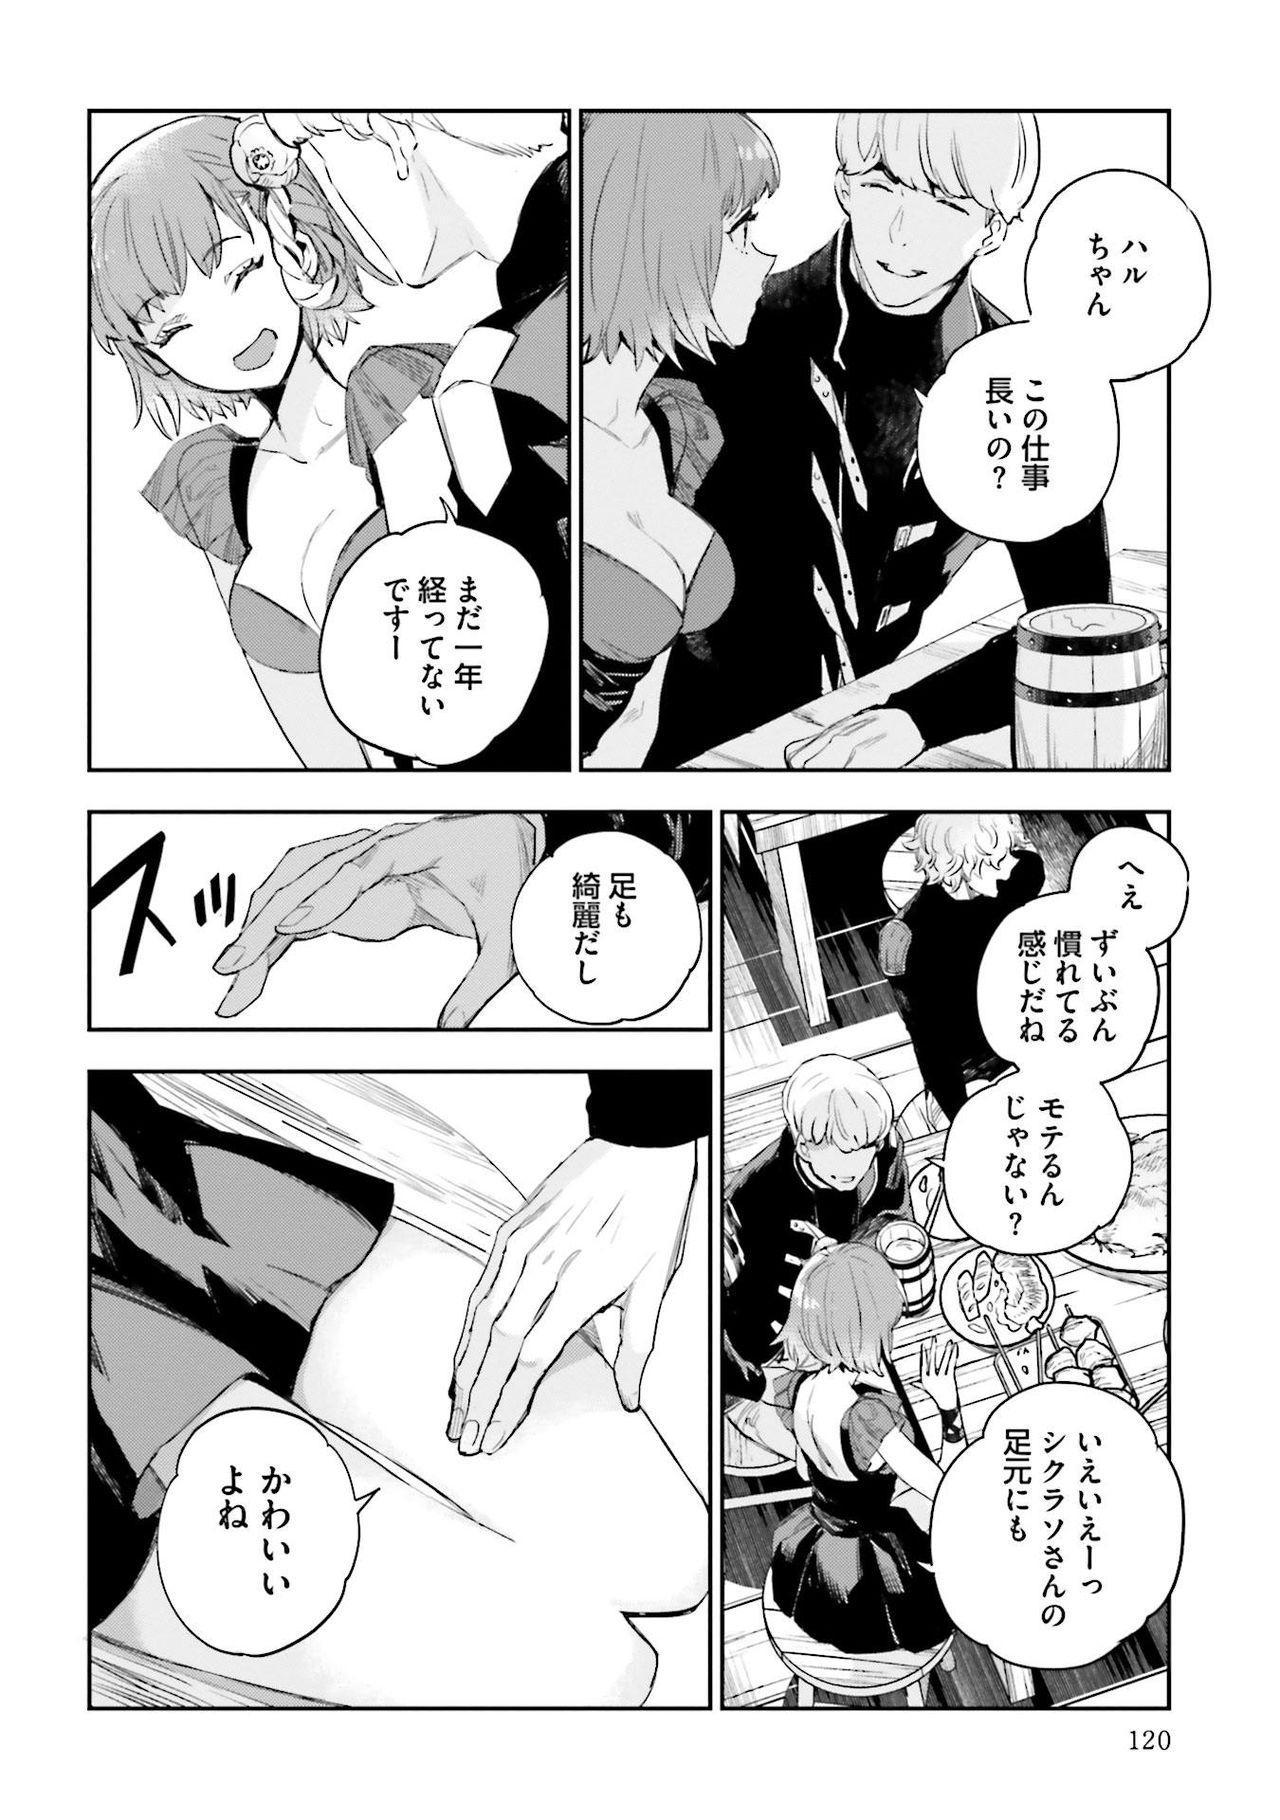 JK Haru wa Isekai de Shoufu ni Natta 1-14 479